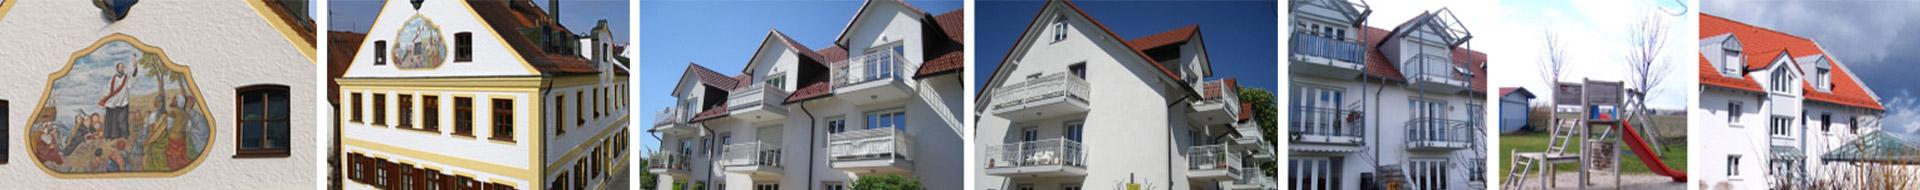 Wimmer-Hausverwaltung-Hallbergmoos-Referenzen